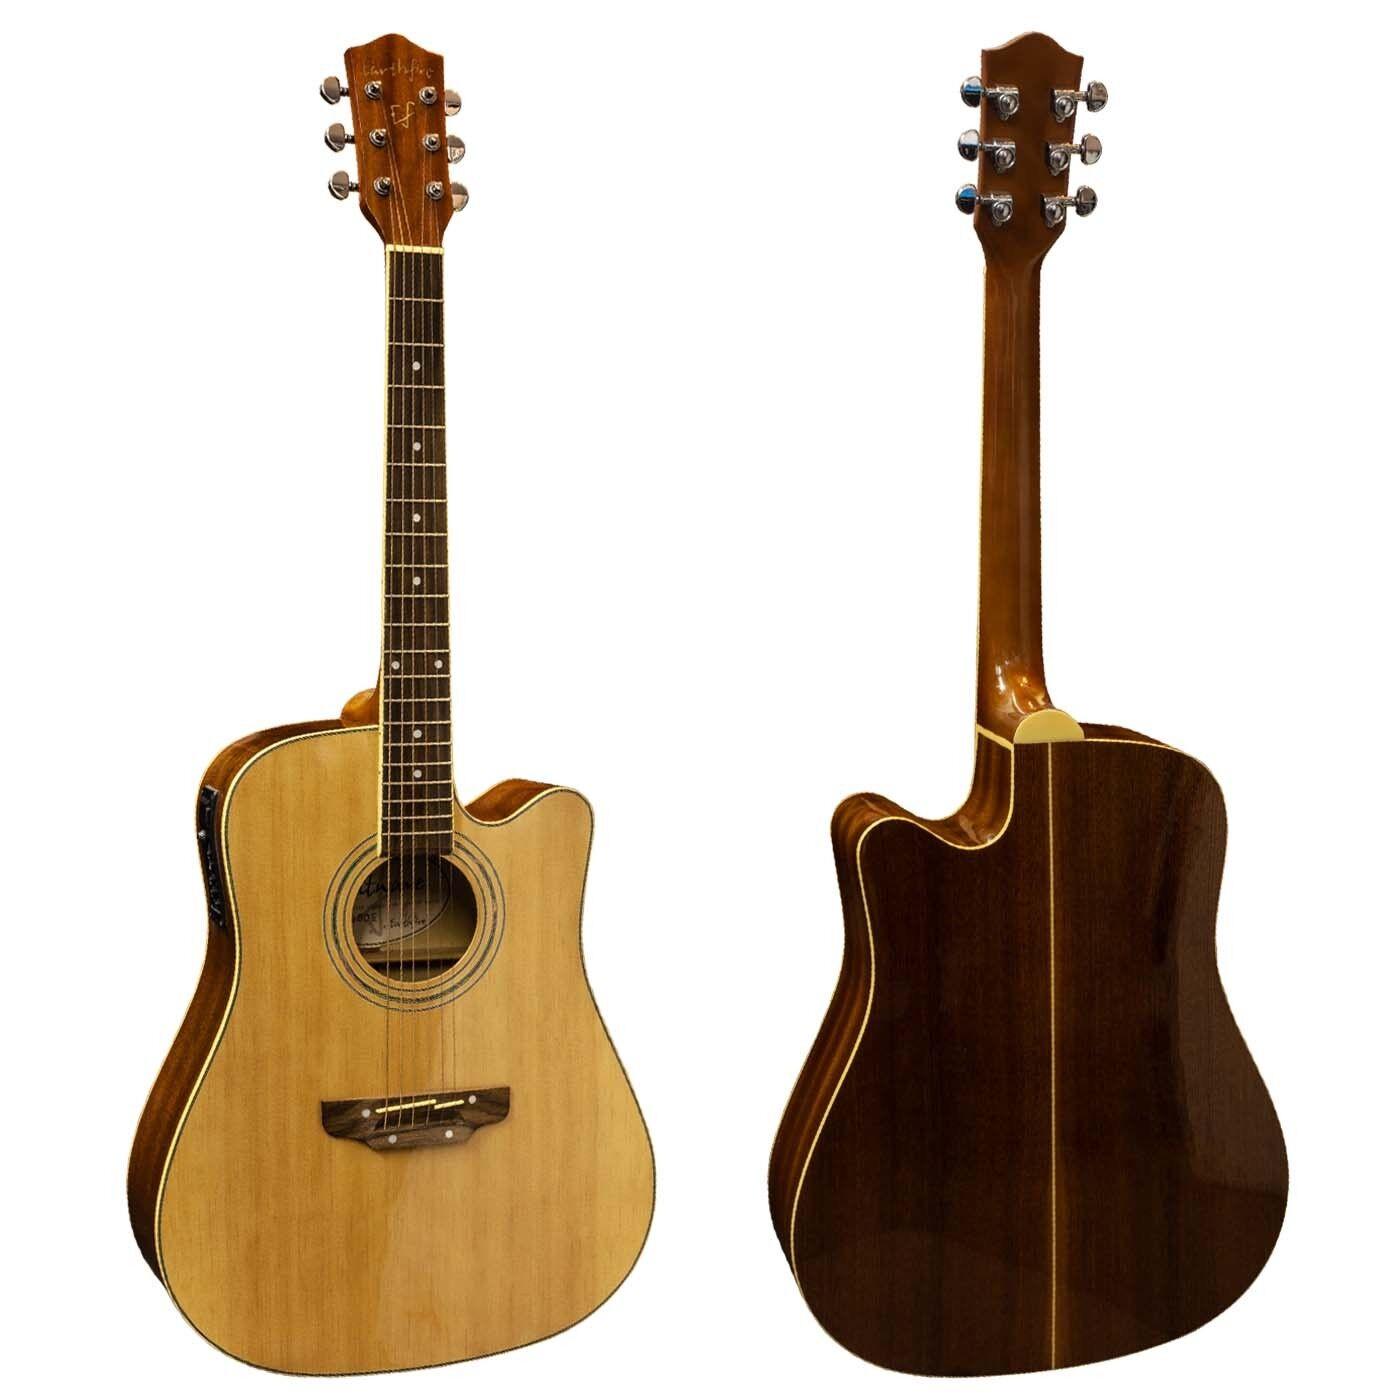 Earthfire Dreadnought Electro Guitarra Acústica Cuerdas De Acero Cutaway Cutaway Cutaway GA3090E C  edición limitada